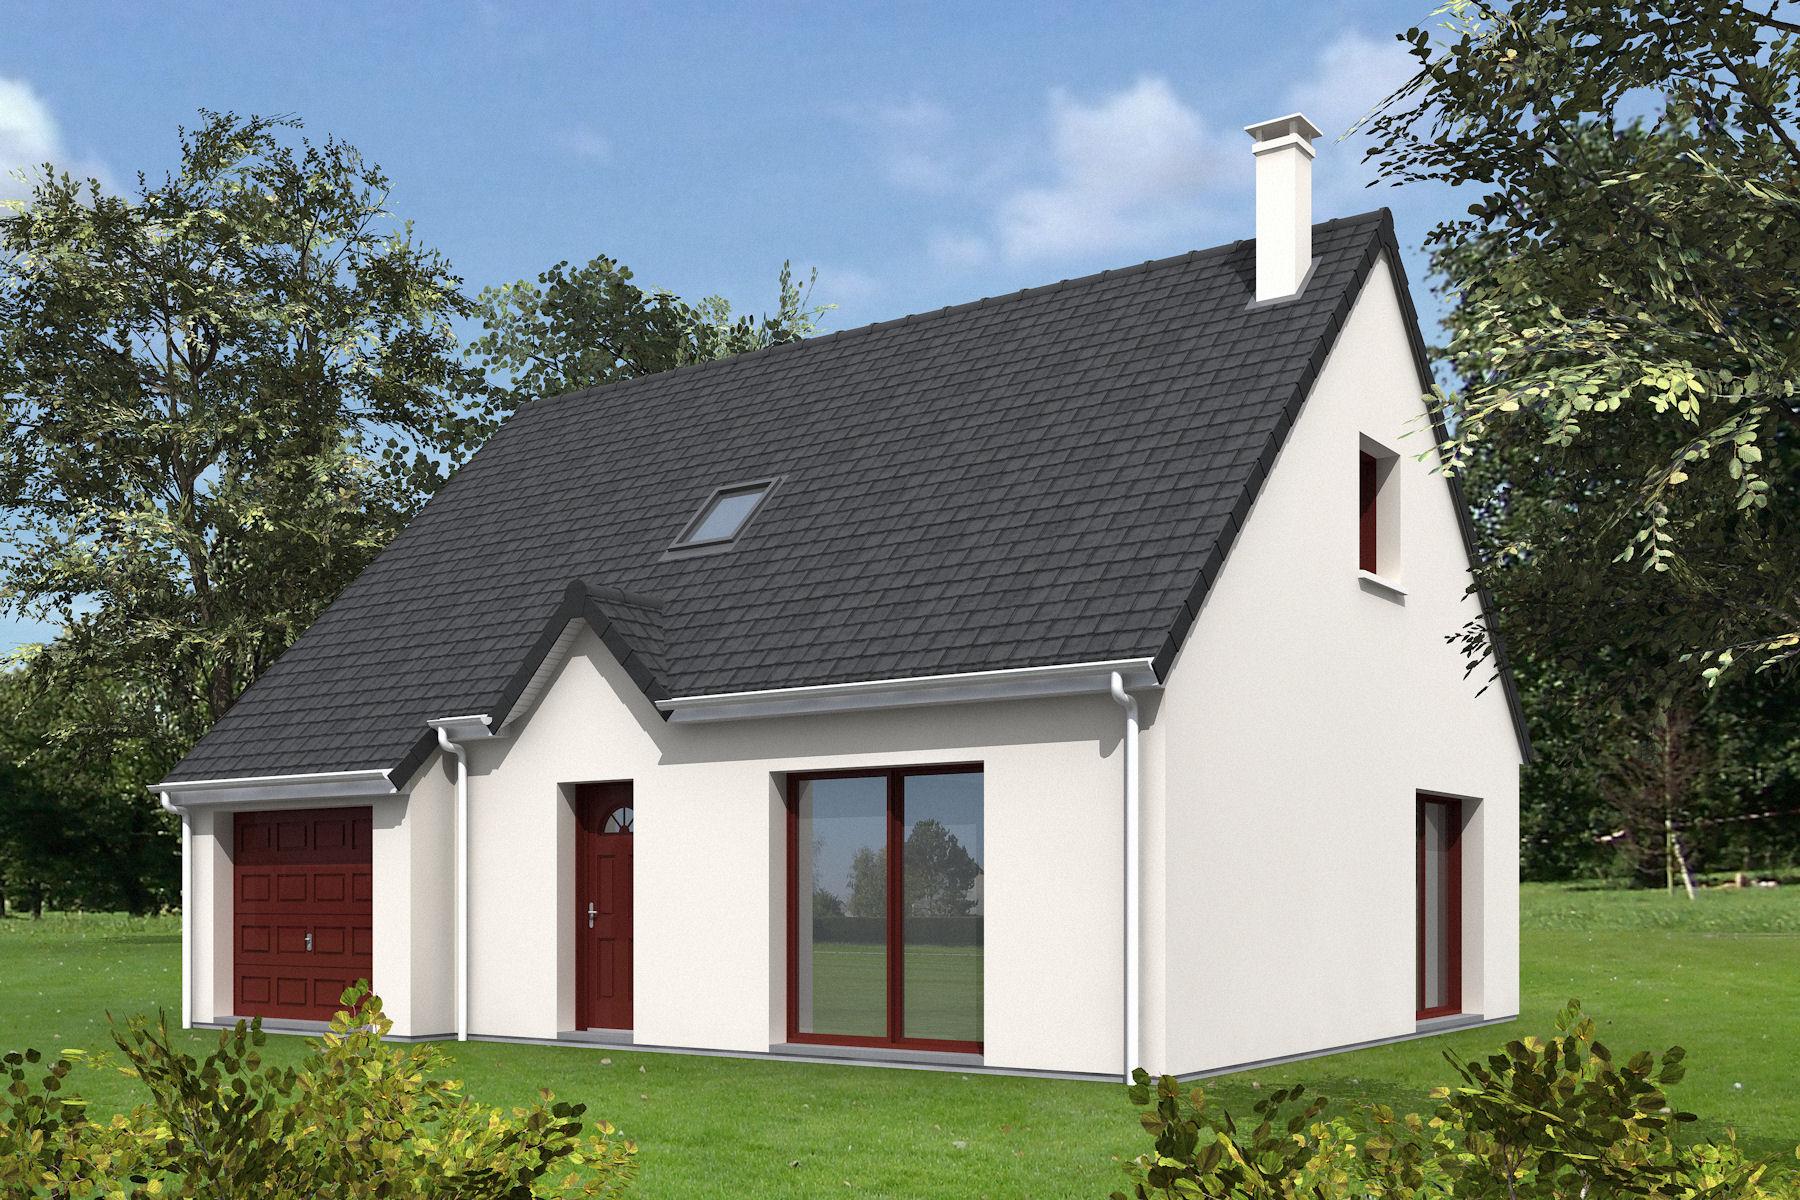 Maisons + Terrains du constructeur MAISONS MIMOSAS • 110 m² • AUTHEUIL AUTHOUILLET